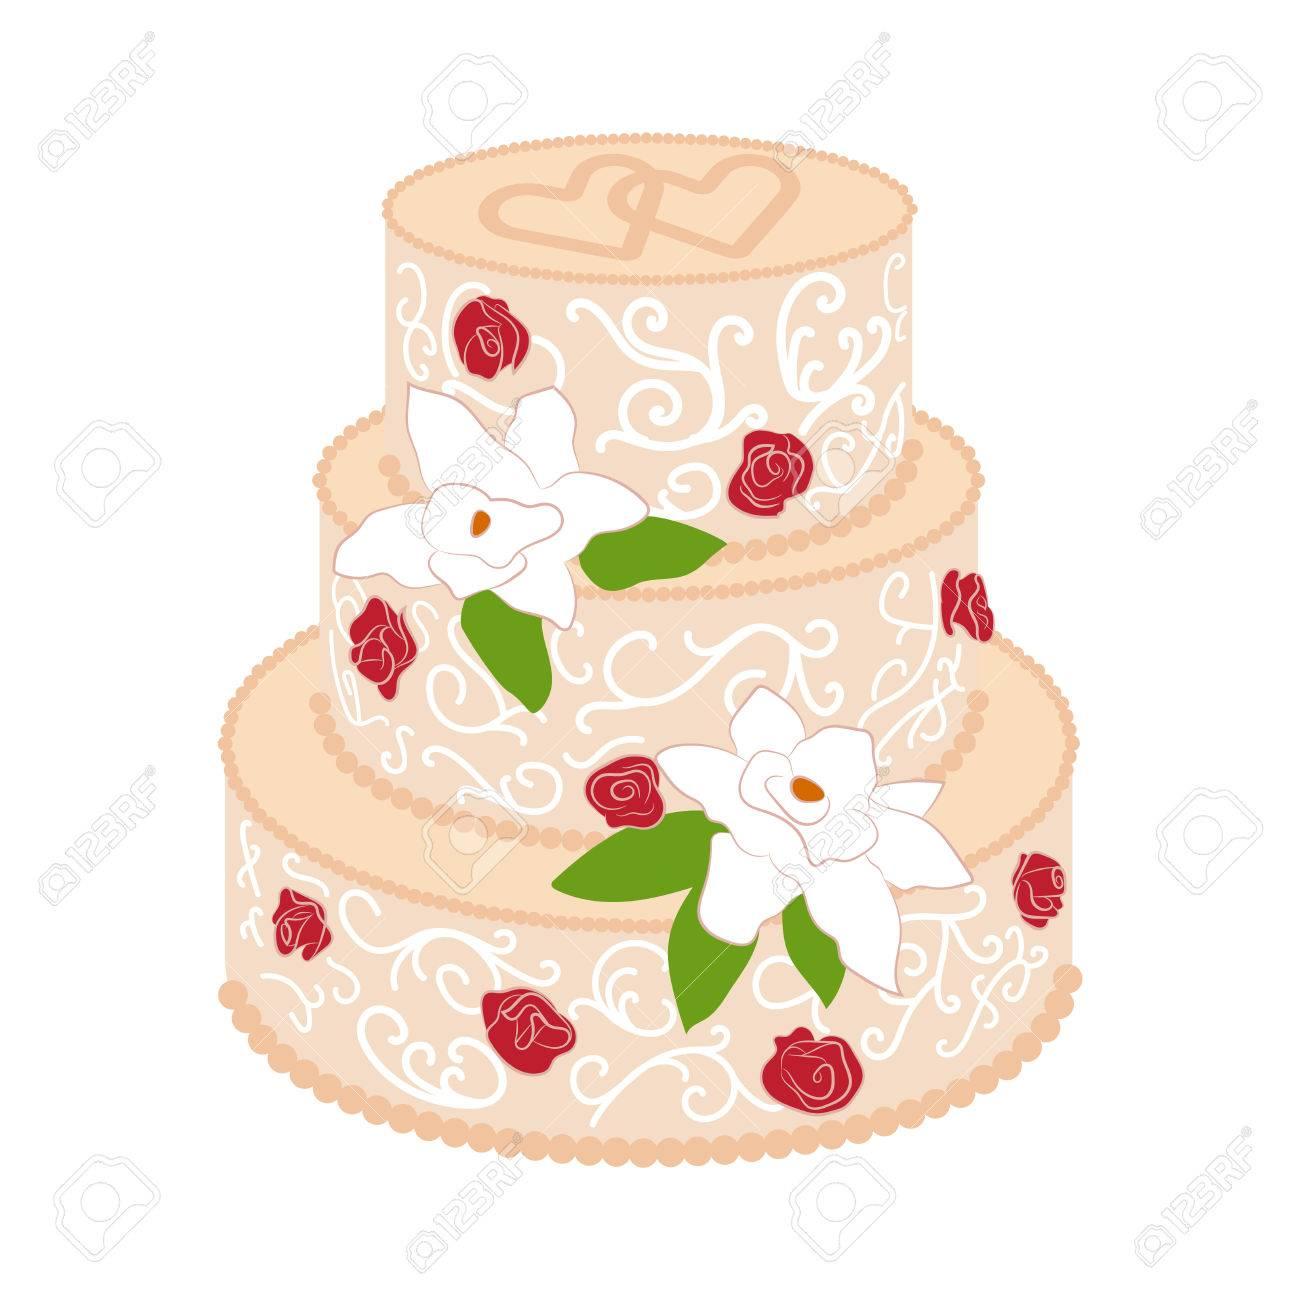 Hochzeitstorte Mit Zwei Gekreuzten Herzen Auf Die Oberseite Und